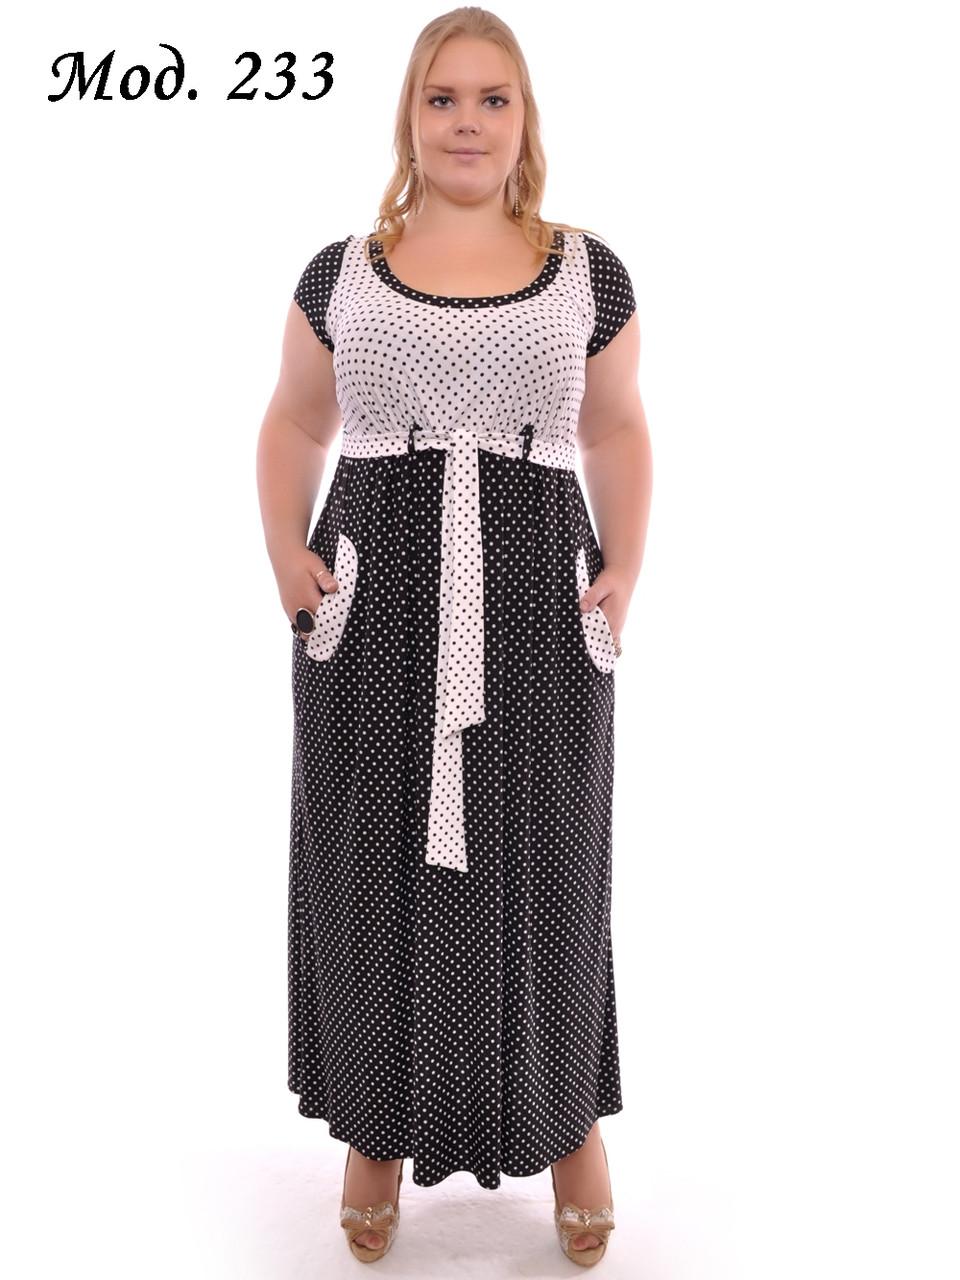 ece67a88742 Женские платья больших размеров оптом и в розницу Арт. 233 - БЕРЁЗКА в  Мариуполе